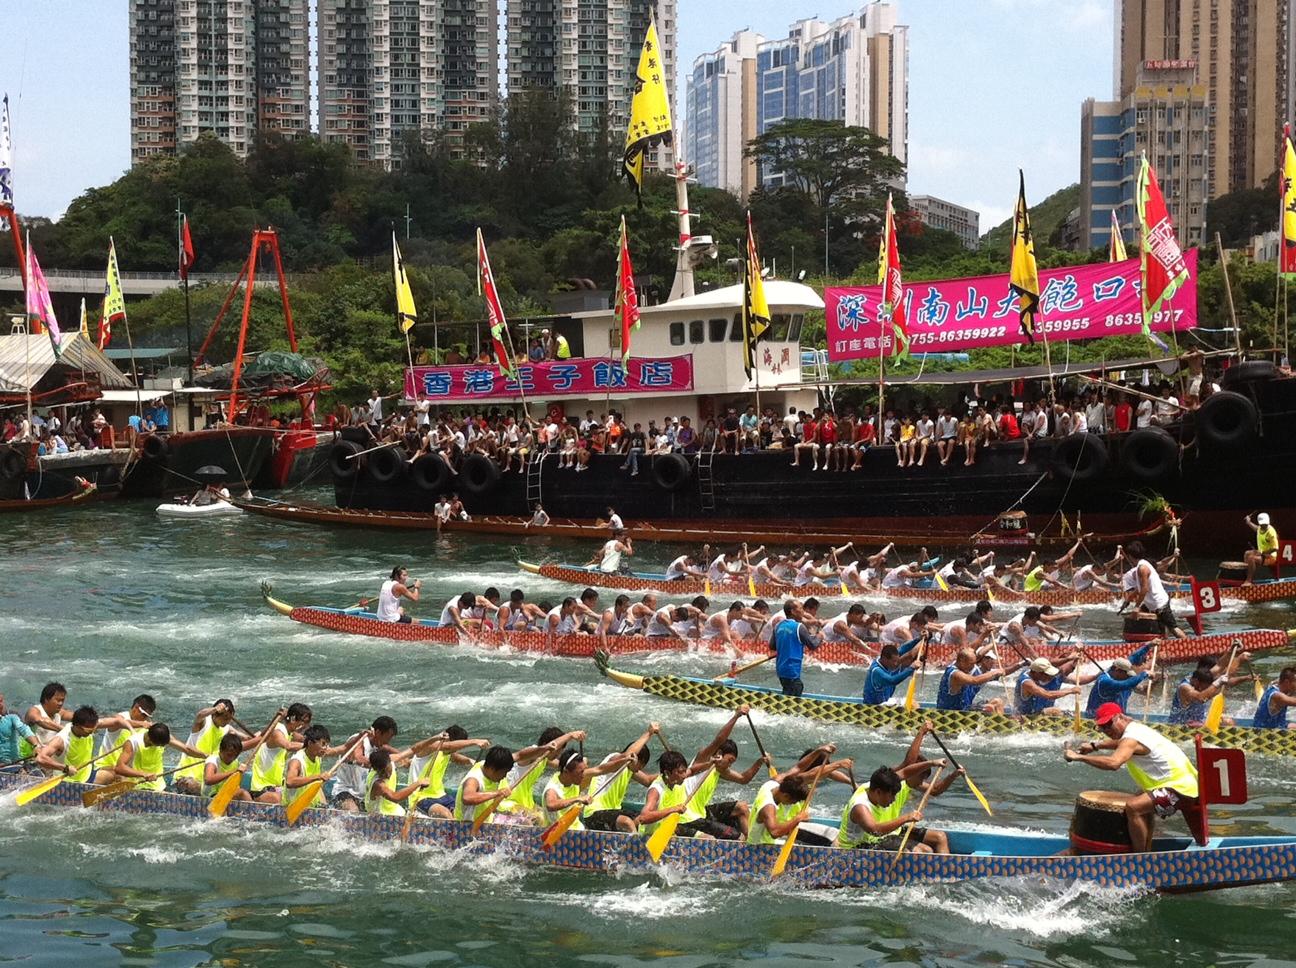 端午节 Dragon Boat Festival | Rice Paper Kite